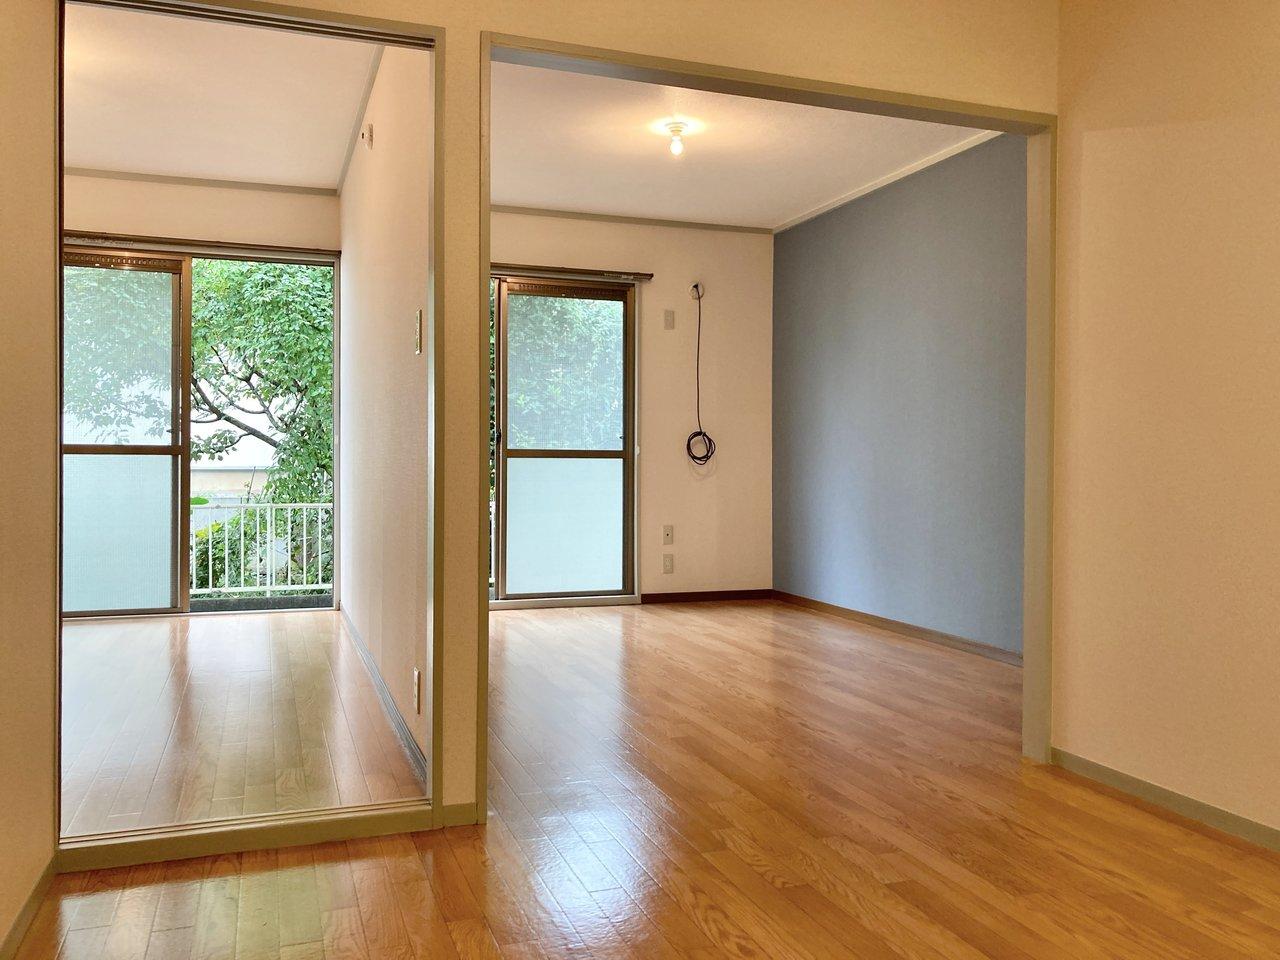 比較的ゆったりとした12畳のリビングと、洋室・和室がついた2LDKのお部屋。リビングのクロスの優しい色合いが素敵です。